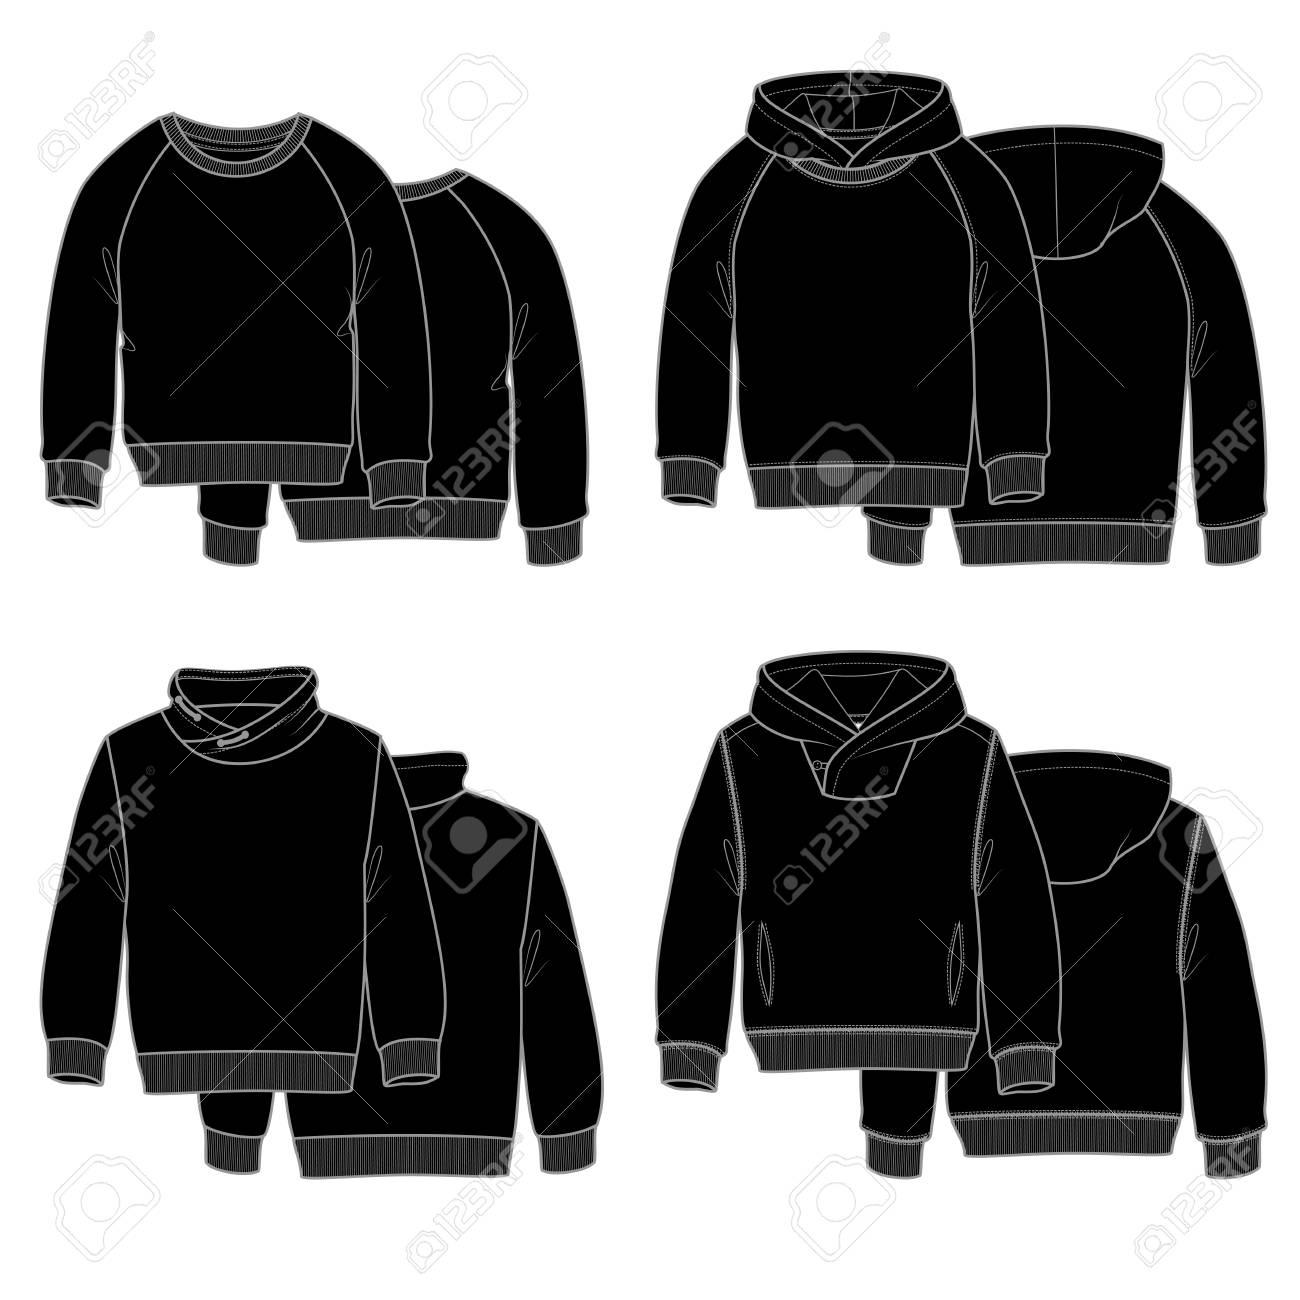 4583c48665a54 Foto de archivo - Ilustración vectorial para su diseño. Sudaderas con  capucha negras